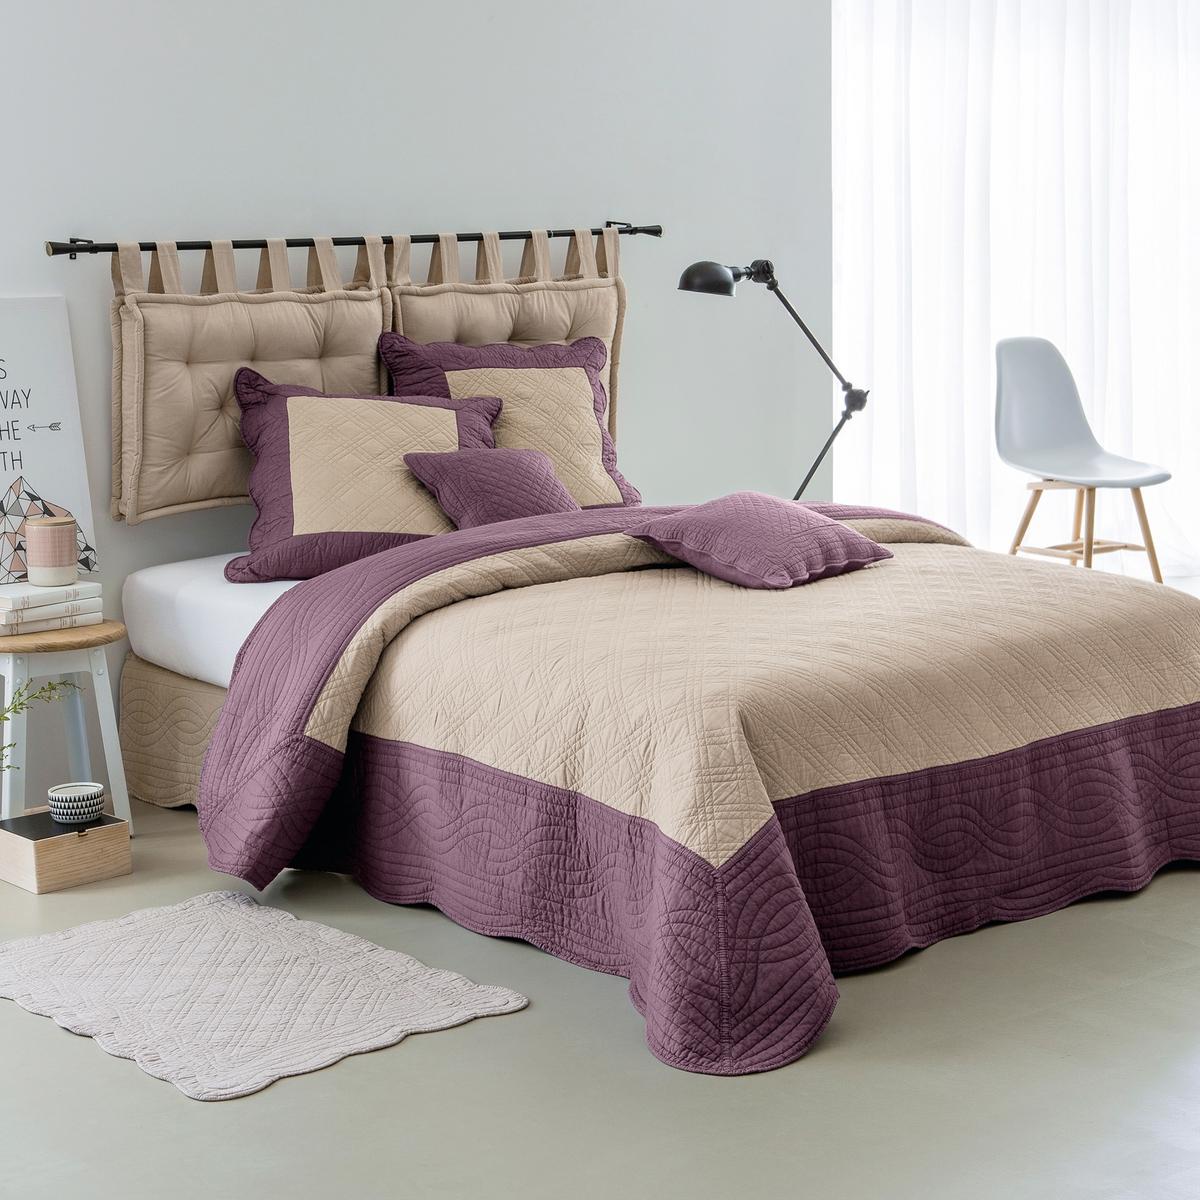 Подушка для изголовья кровати от La Redoute